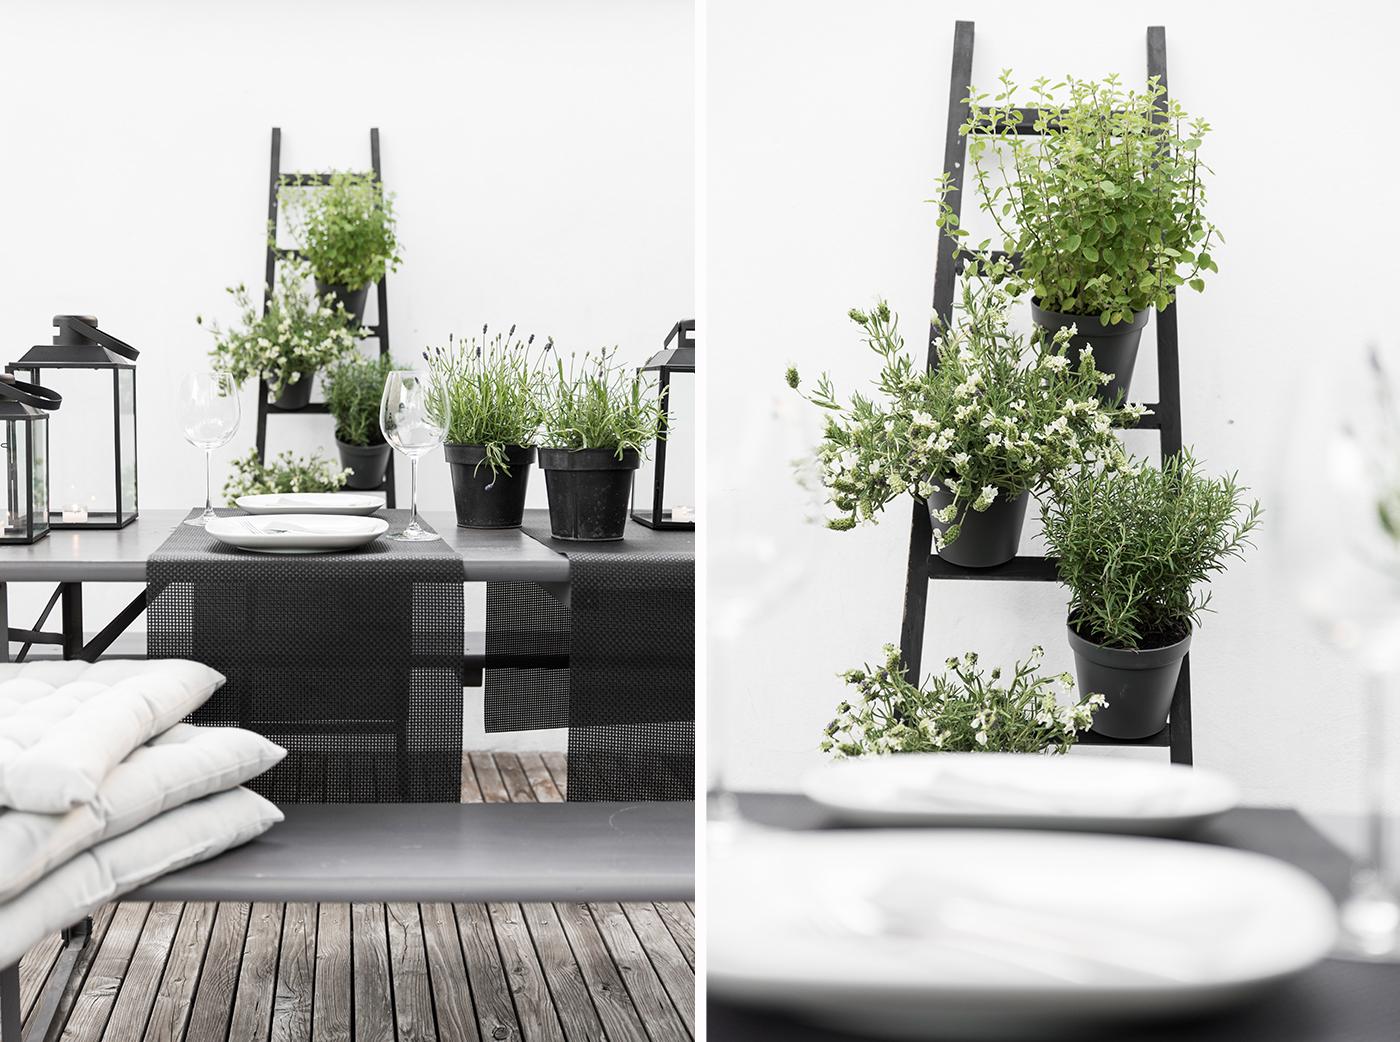 Kissen für die Terrasse